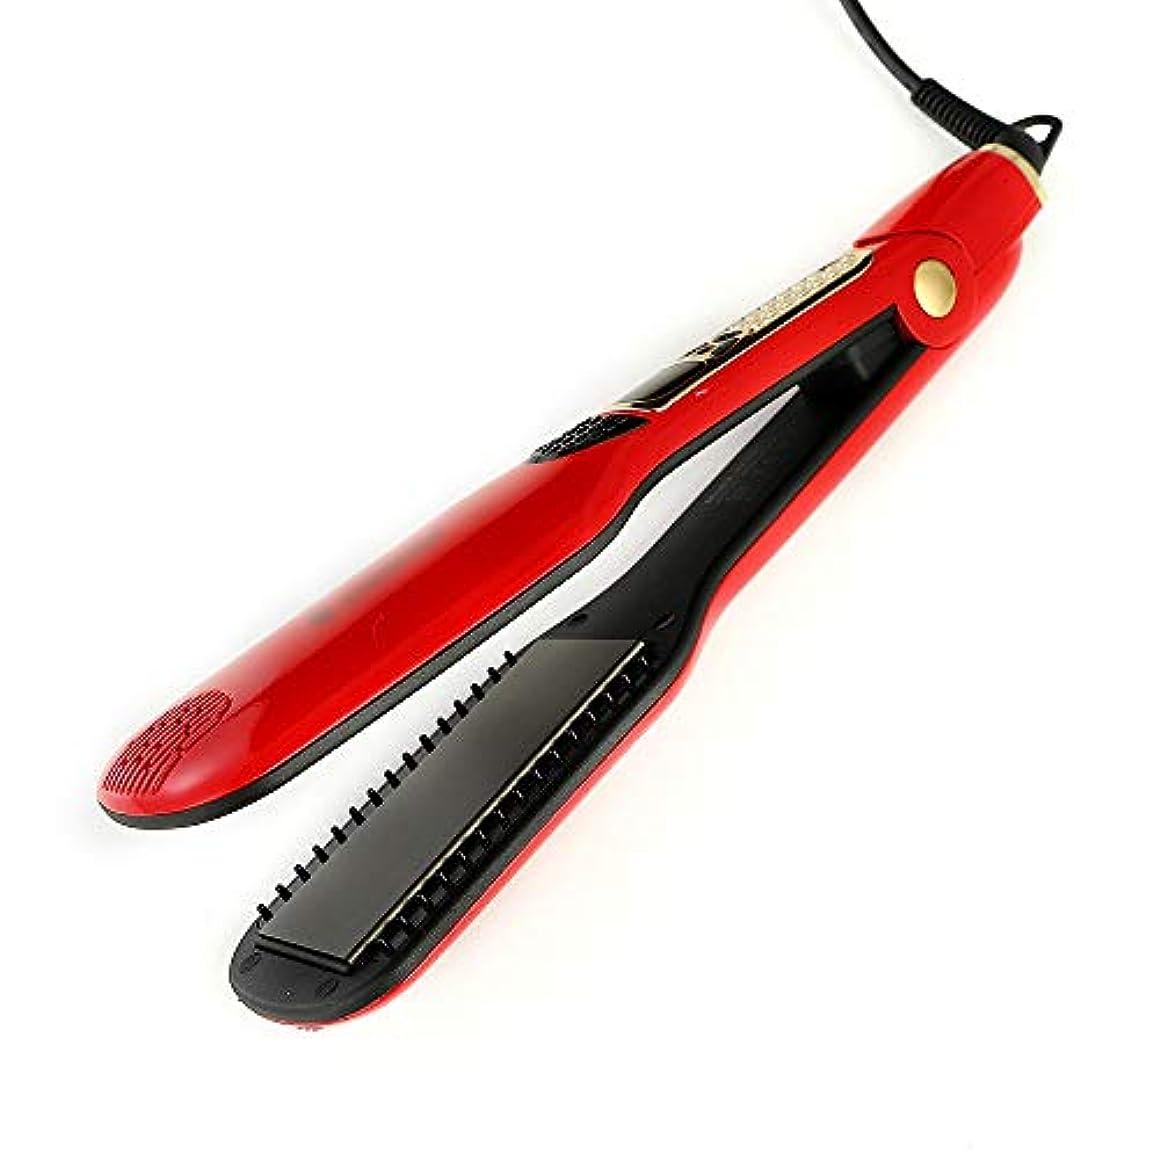 見物人メナジェリーコレクション巻き毛&ストレートヘア、2ストレートヘアアイロン2、セラミックヘアカーラー温度制御 モデリングツール (色 : レッド)